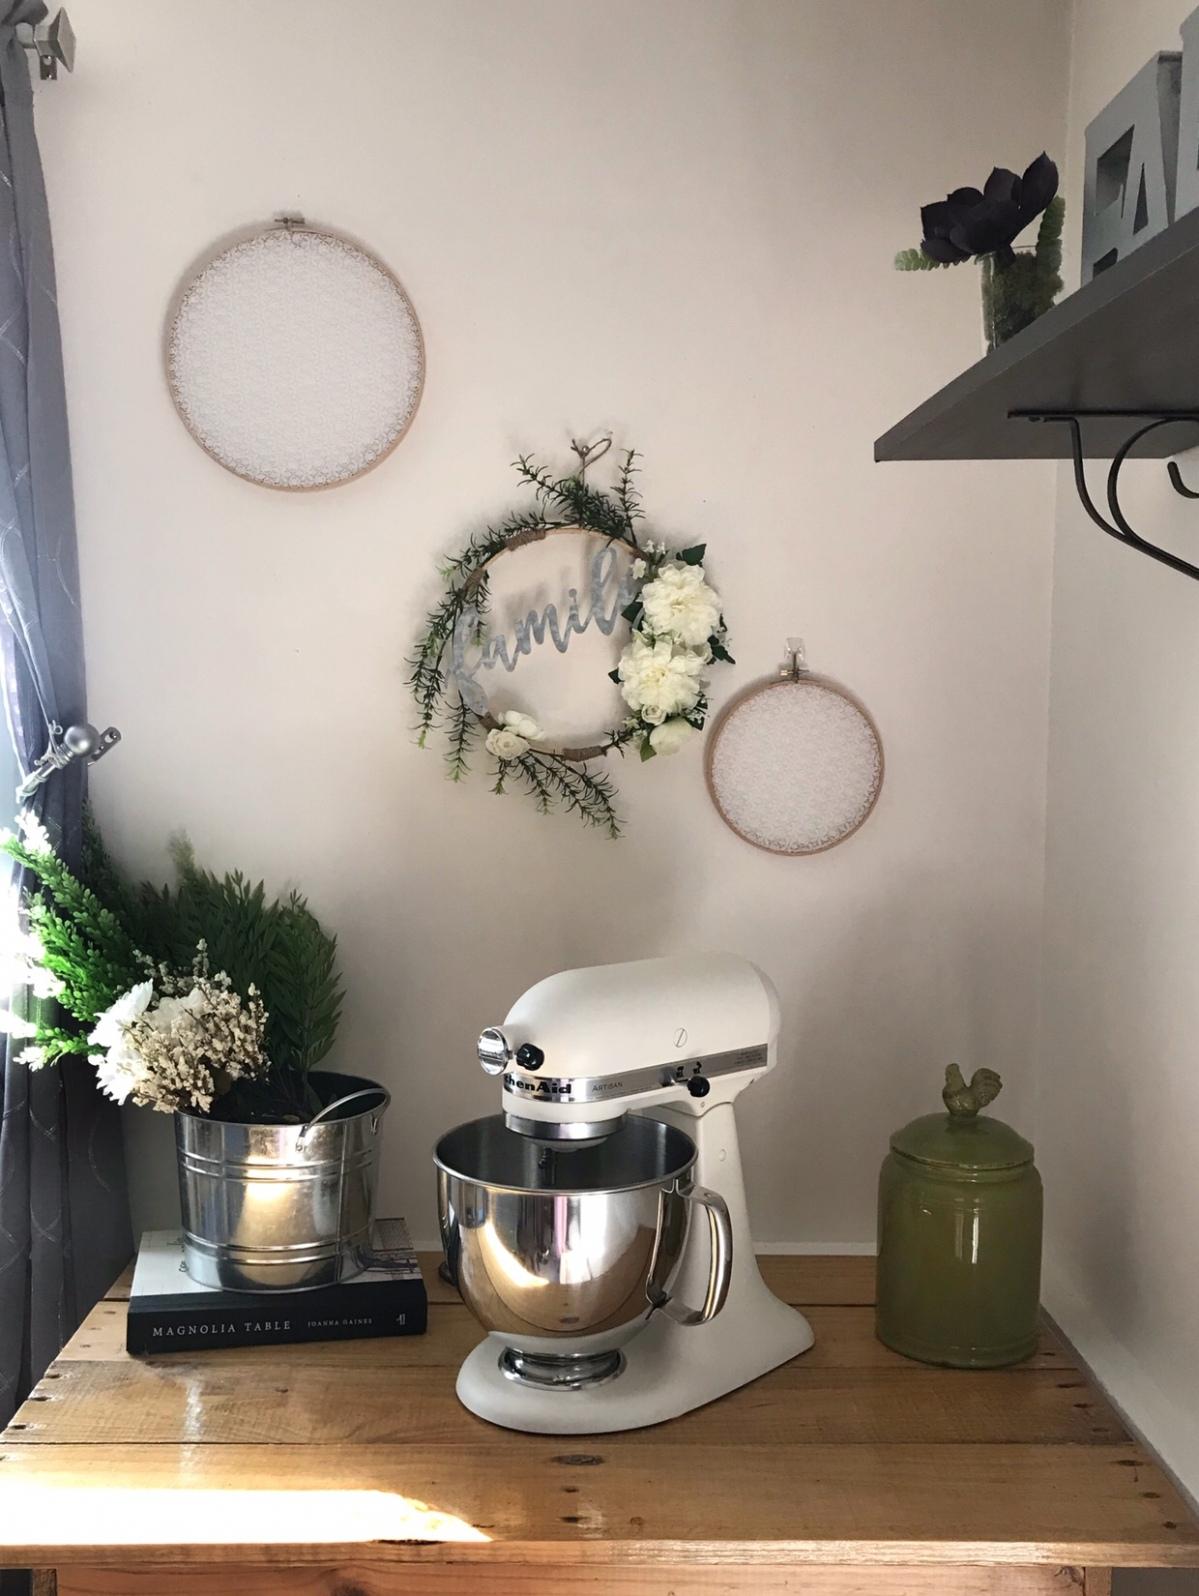 DIY – Refinish Your KitchenAidMixer